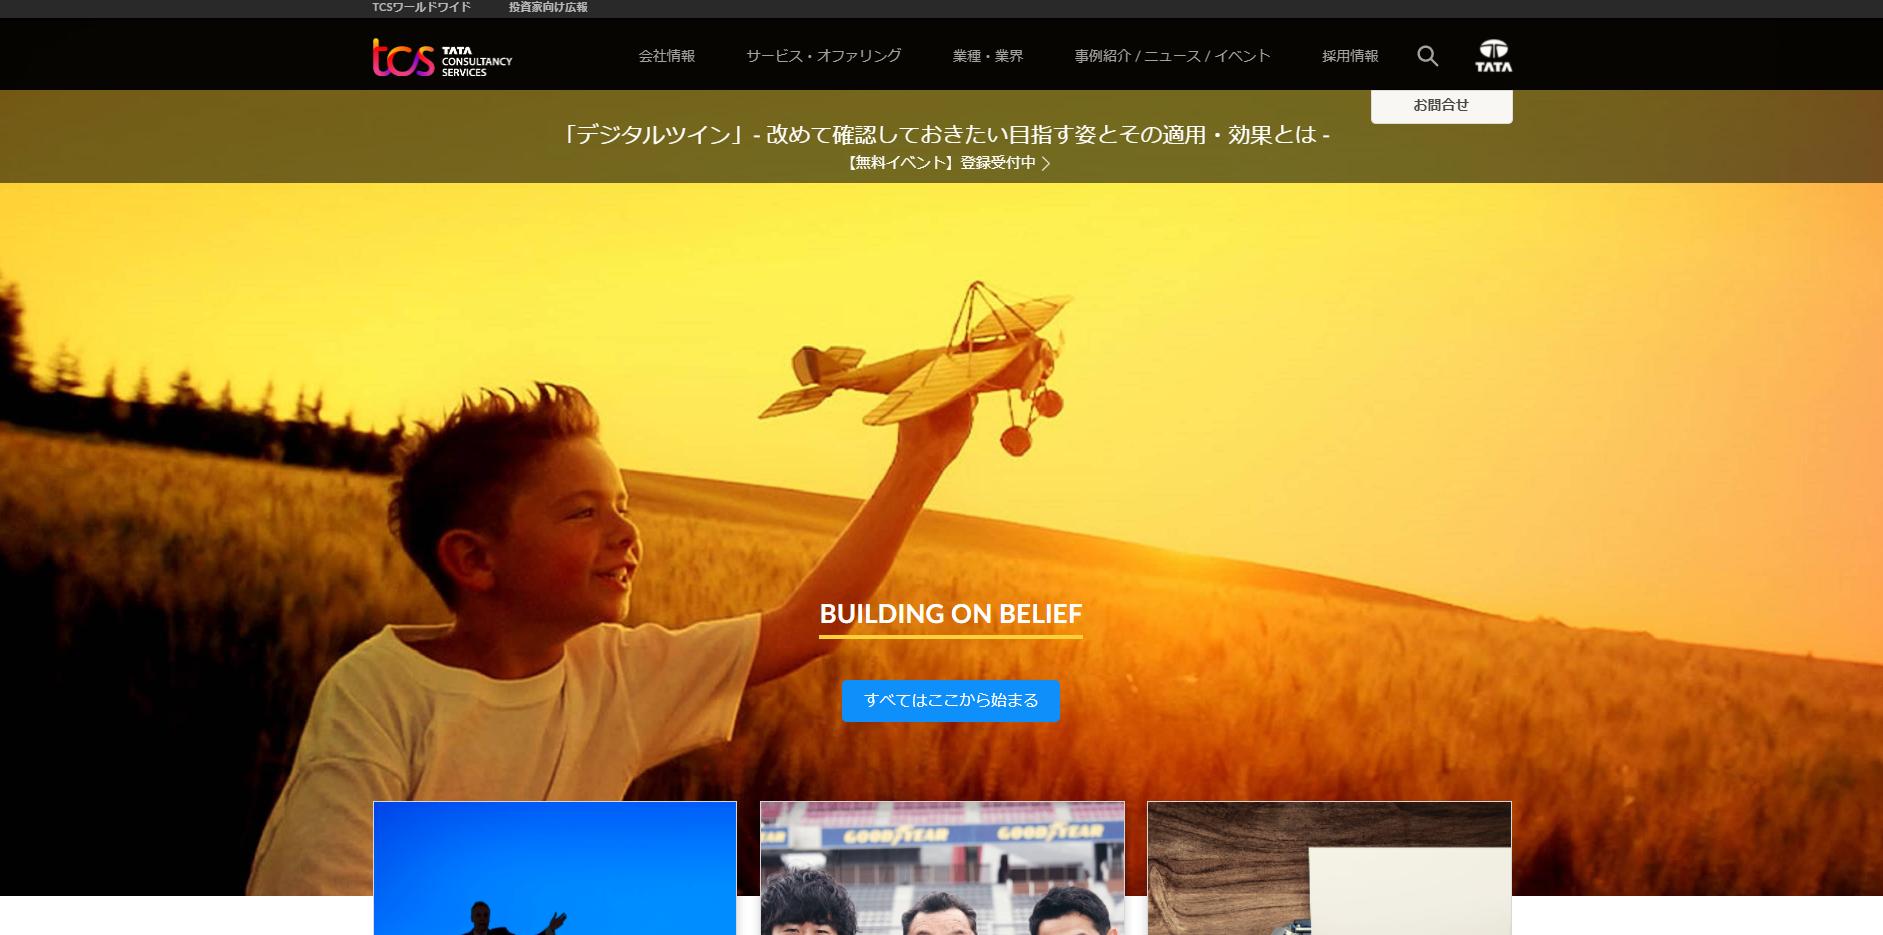 株式会社日本タタ・コンサルタンシー・サービシズ公式ホームページ